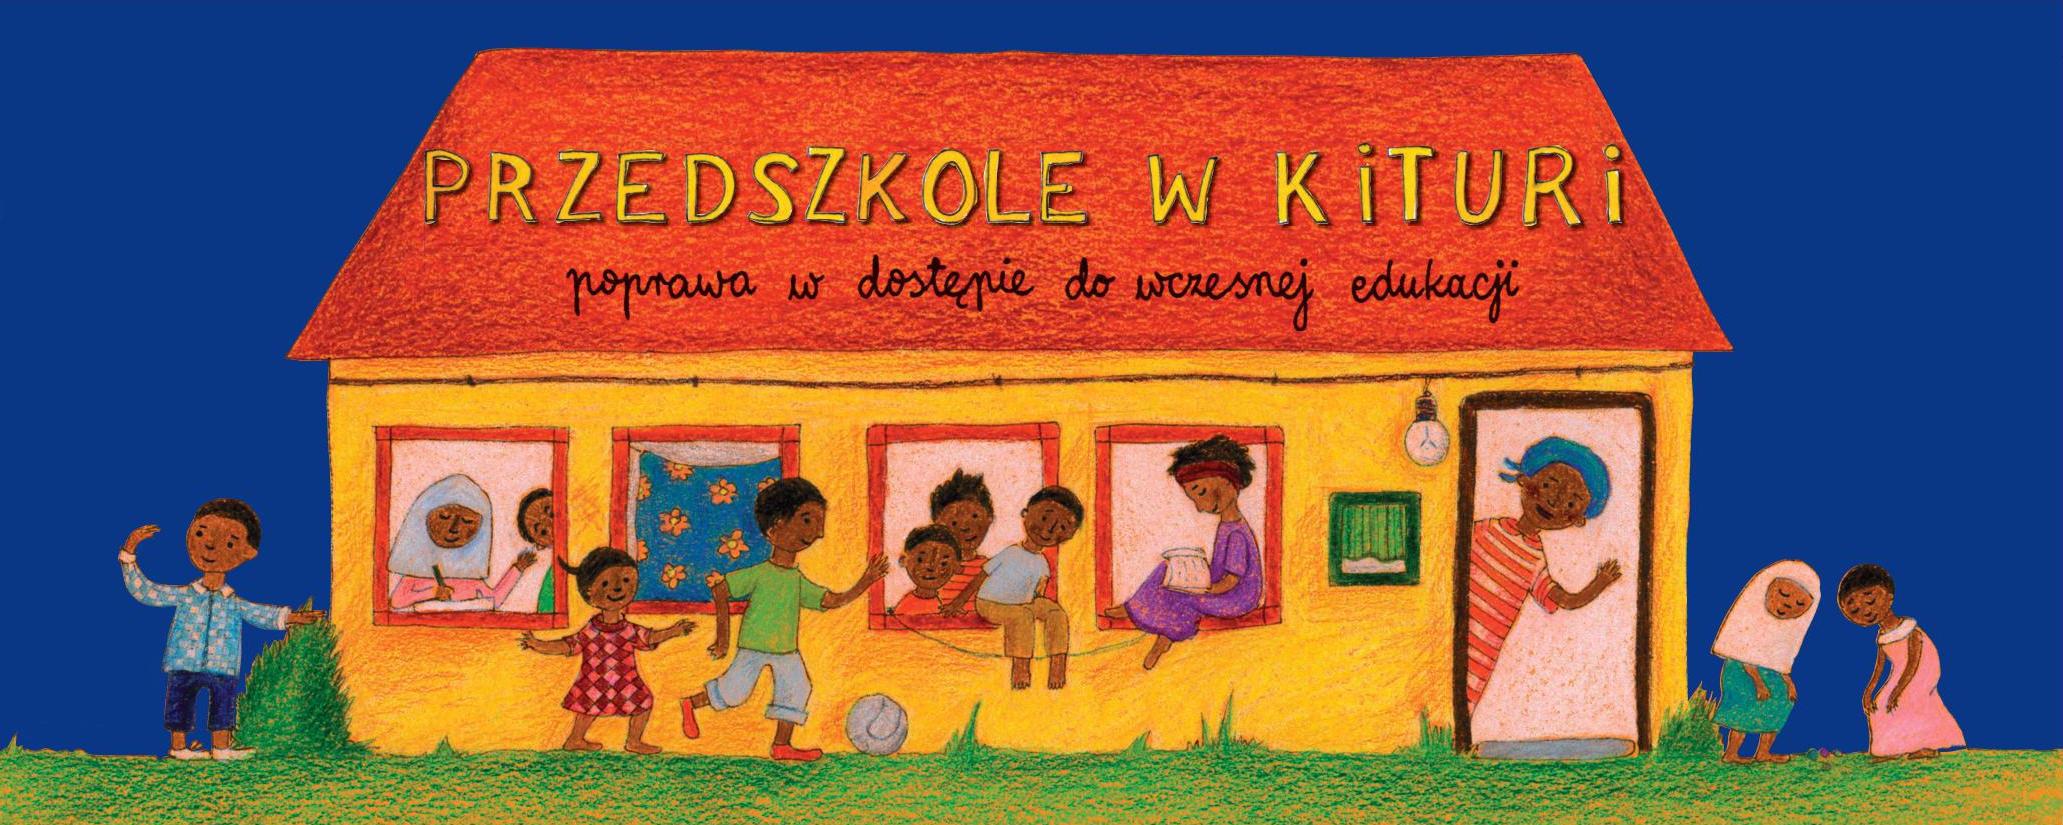 Przedszkole wKiturii